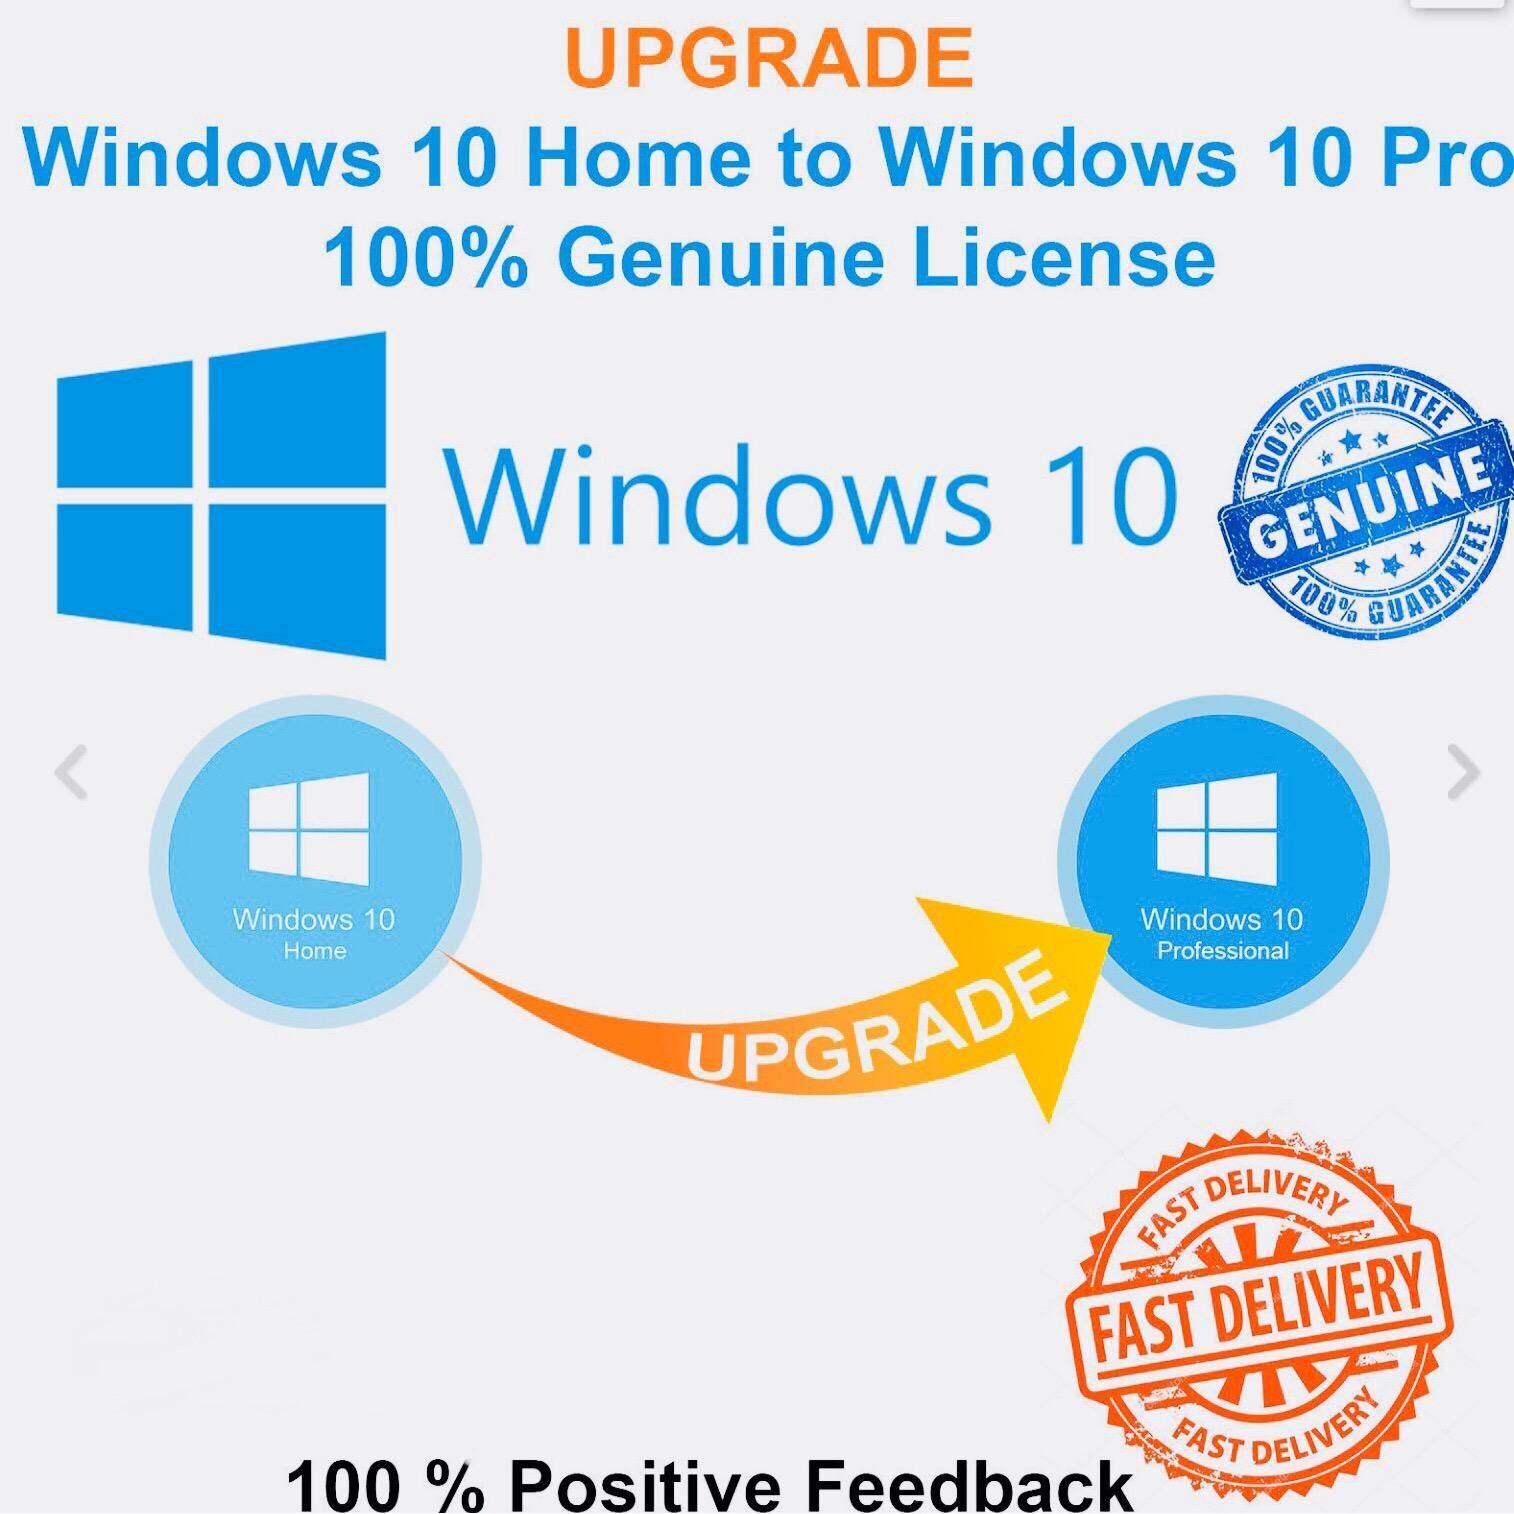 ซื้อ Microsoft Windows 10 Pro 32 64Bit License Oem Only Key And Upgrade Home To Pro ใด้ เฉพาะ Key ใน กรุงเทพมหานคร